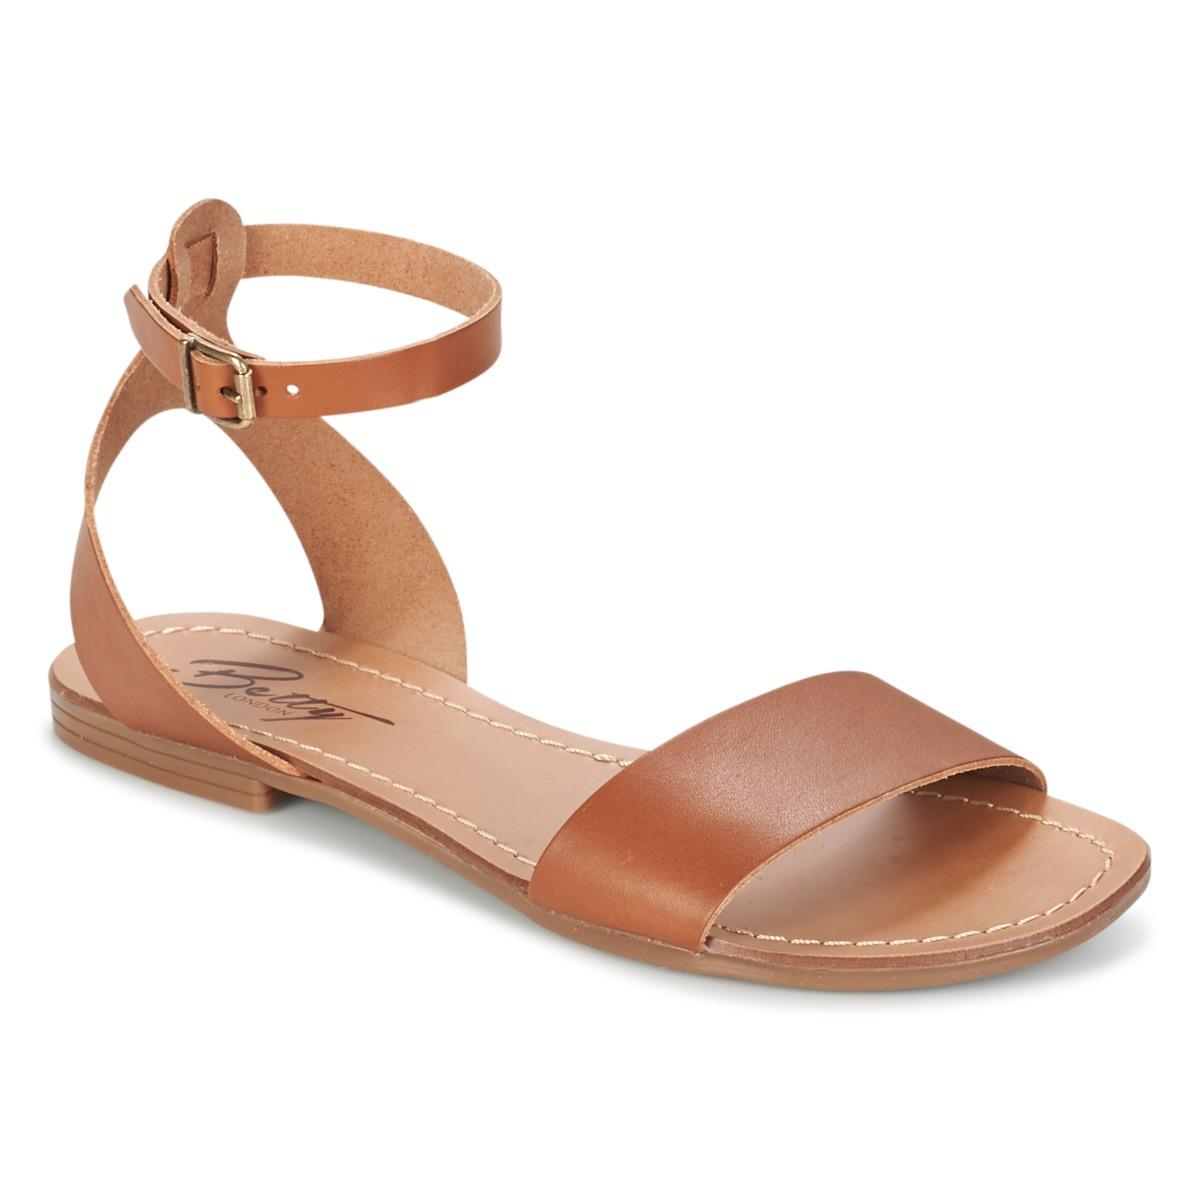 Betty London GIMY Camel - Livraison Gratuite avec  - Chaussures Sandale Femme